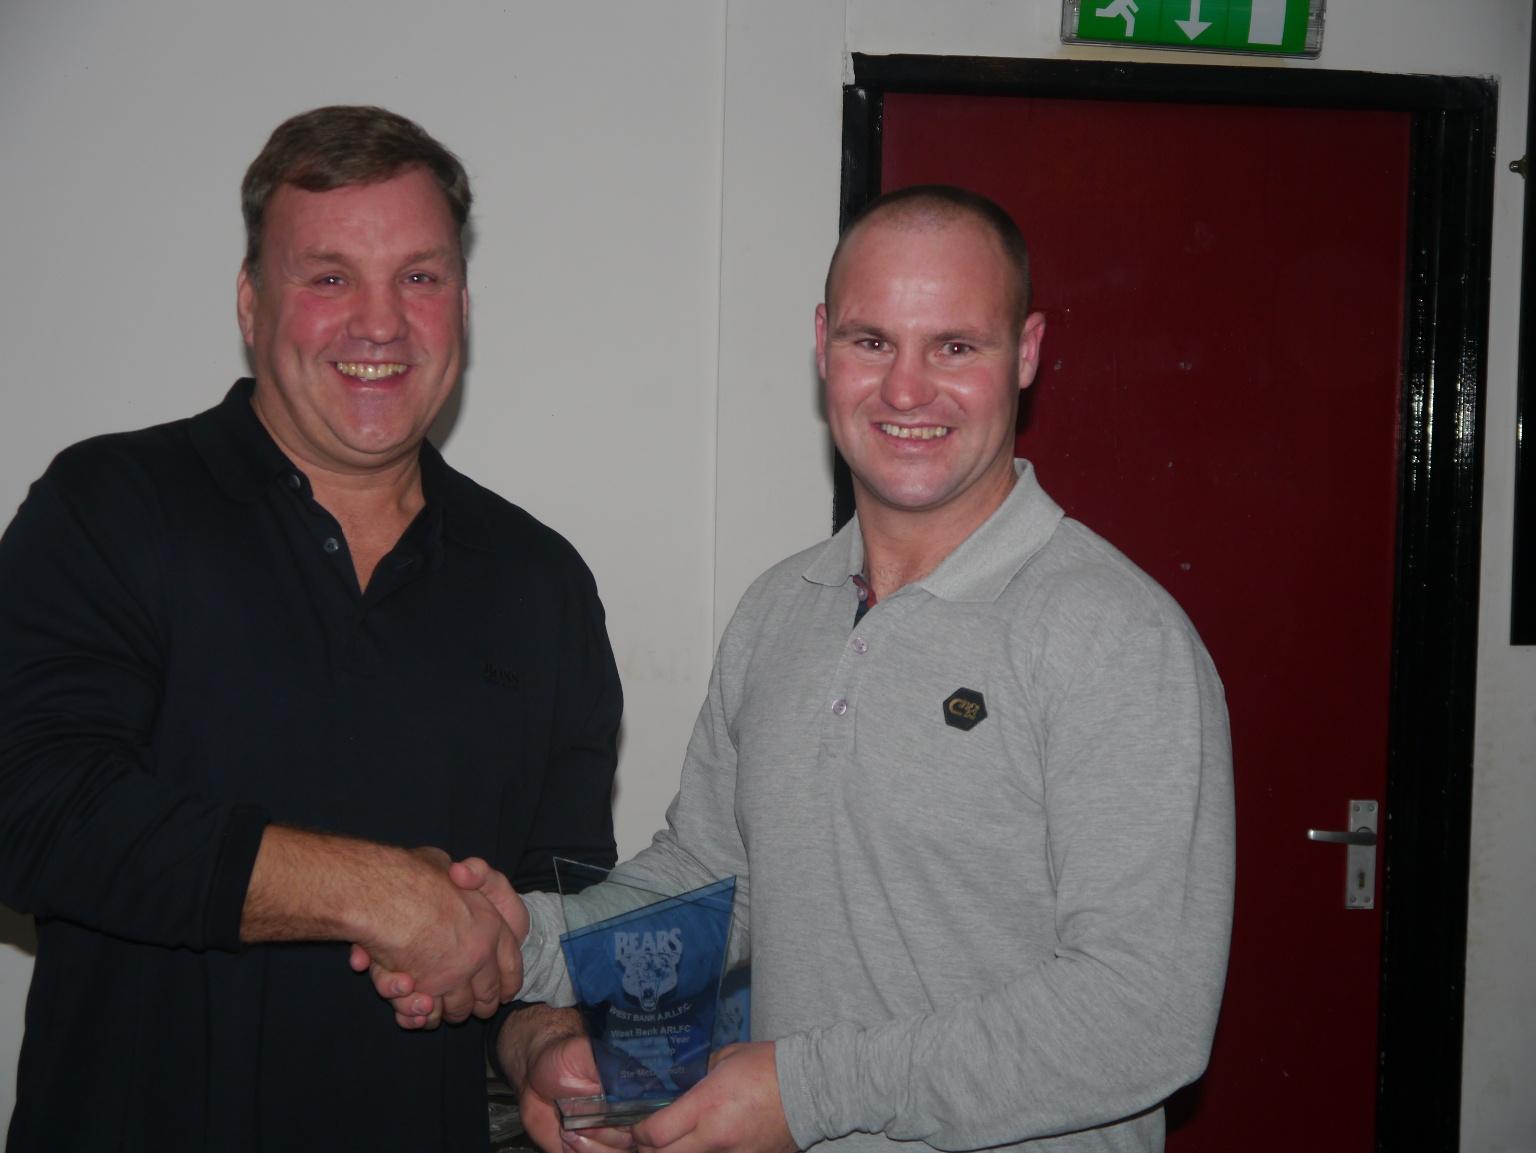 Player of the Year Runner Up - Ste McDermott